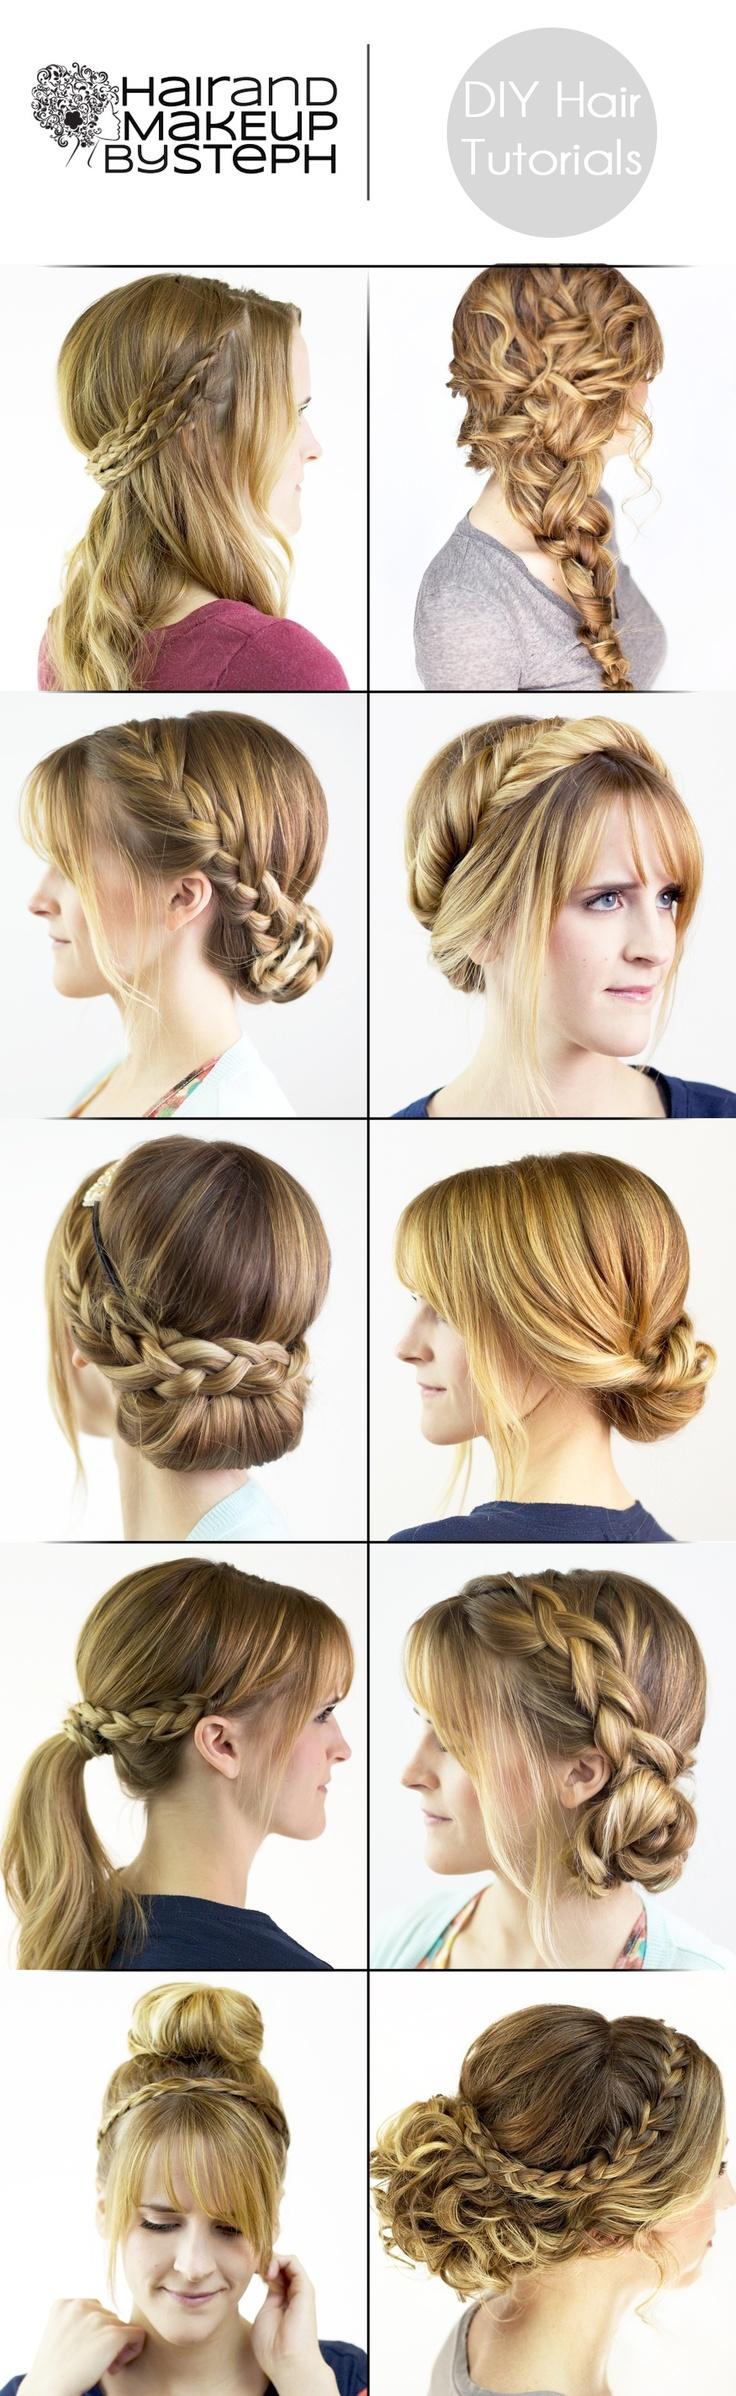 Pingl Par Valou Btn Sur Hair Cut And Fashion Pinterest Coiffures Cheveux Tress S Et